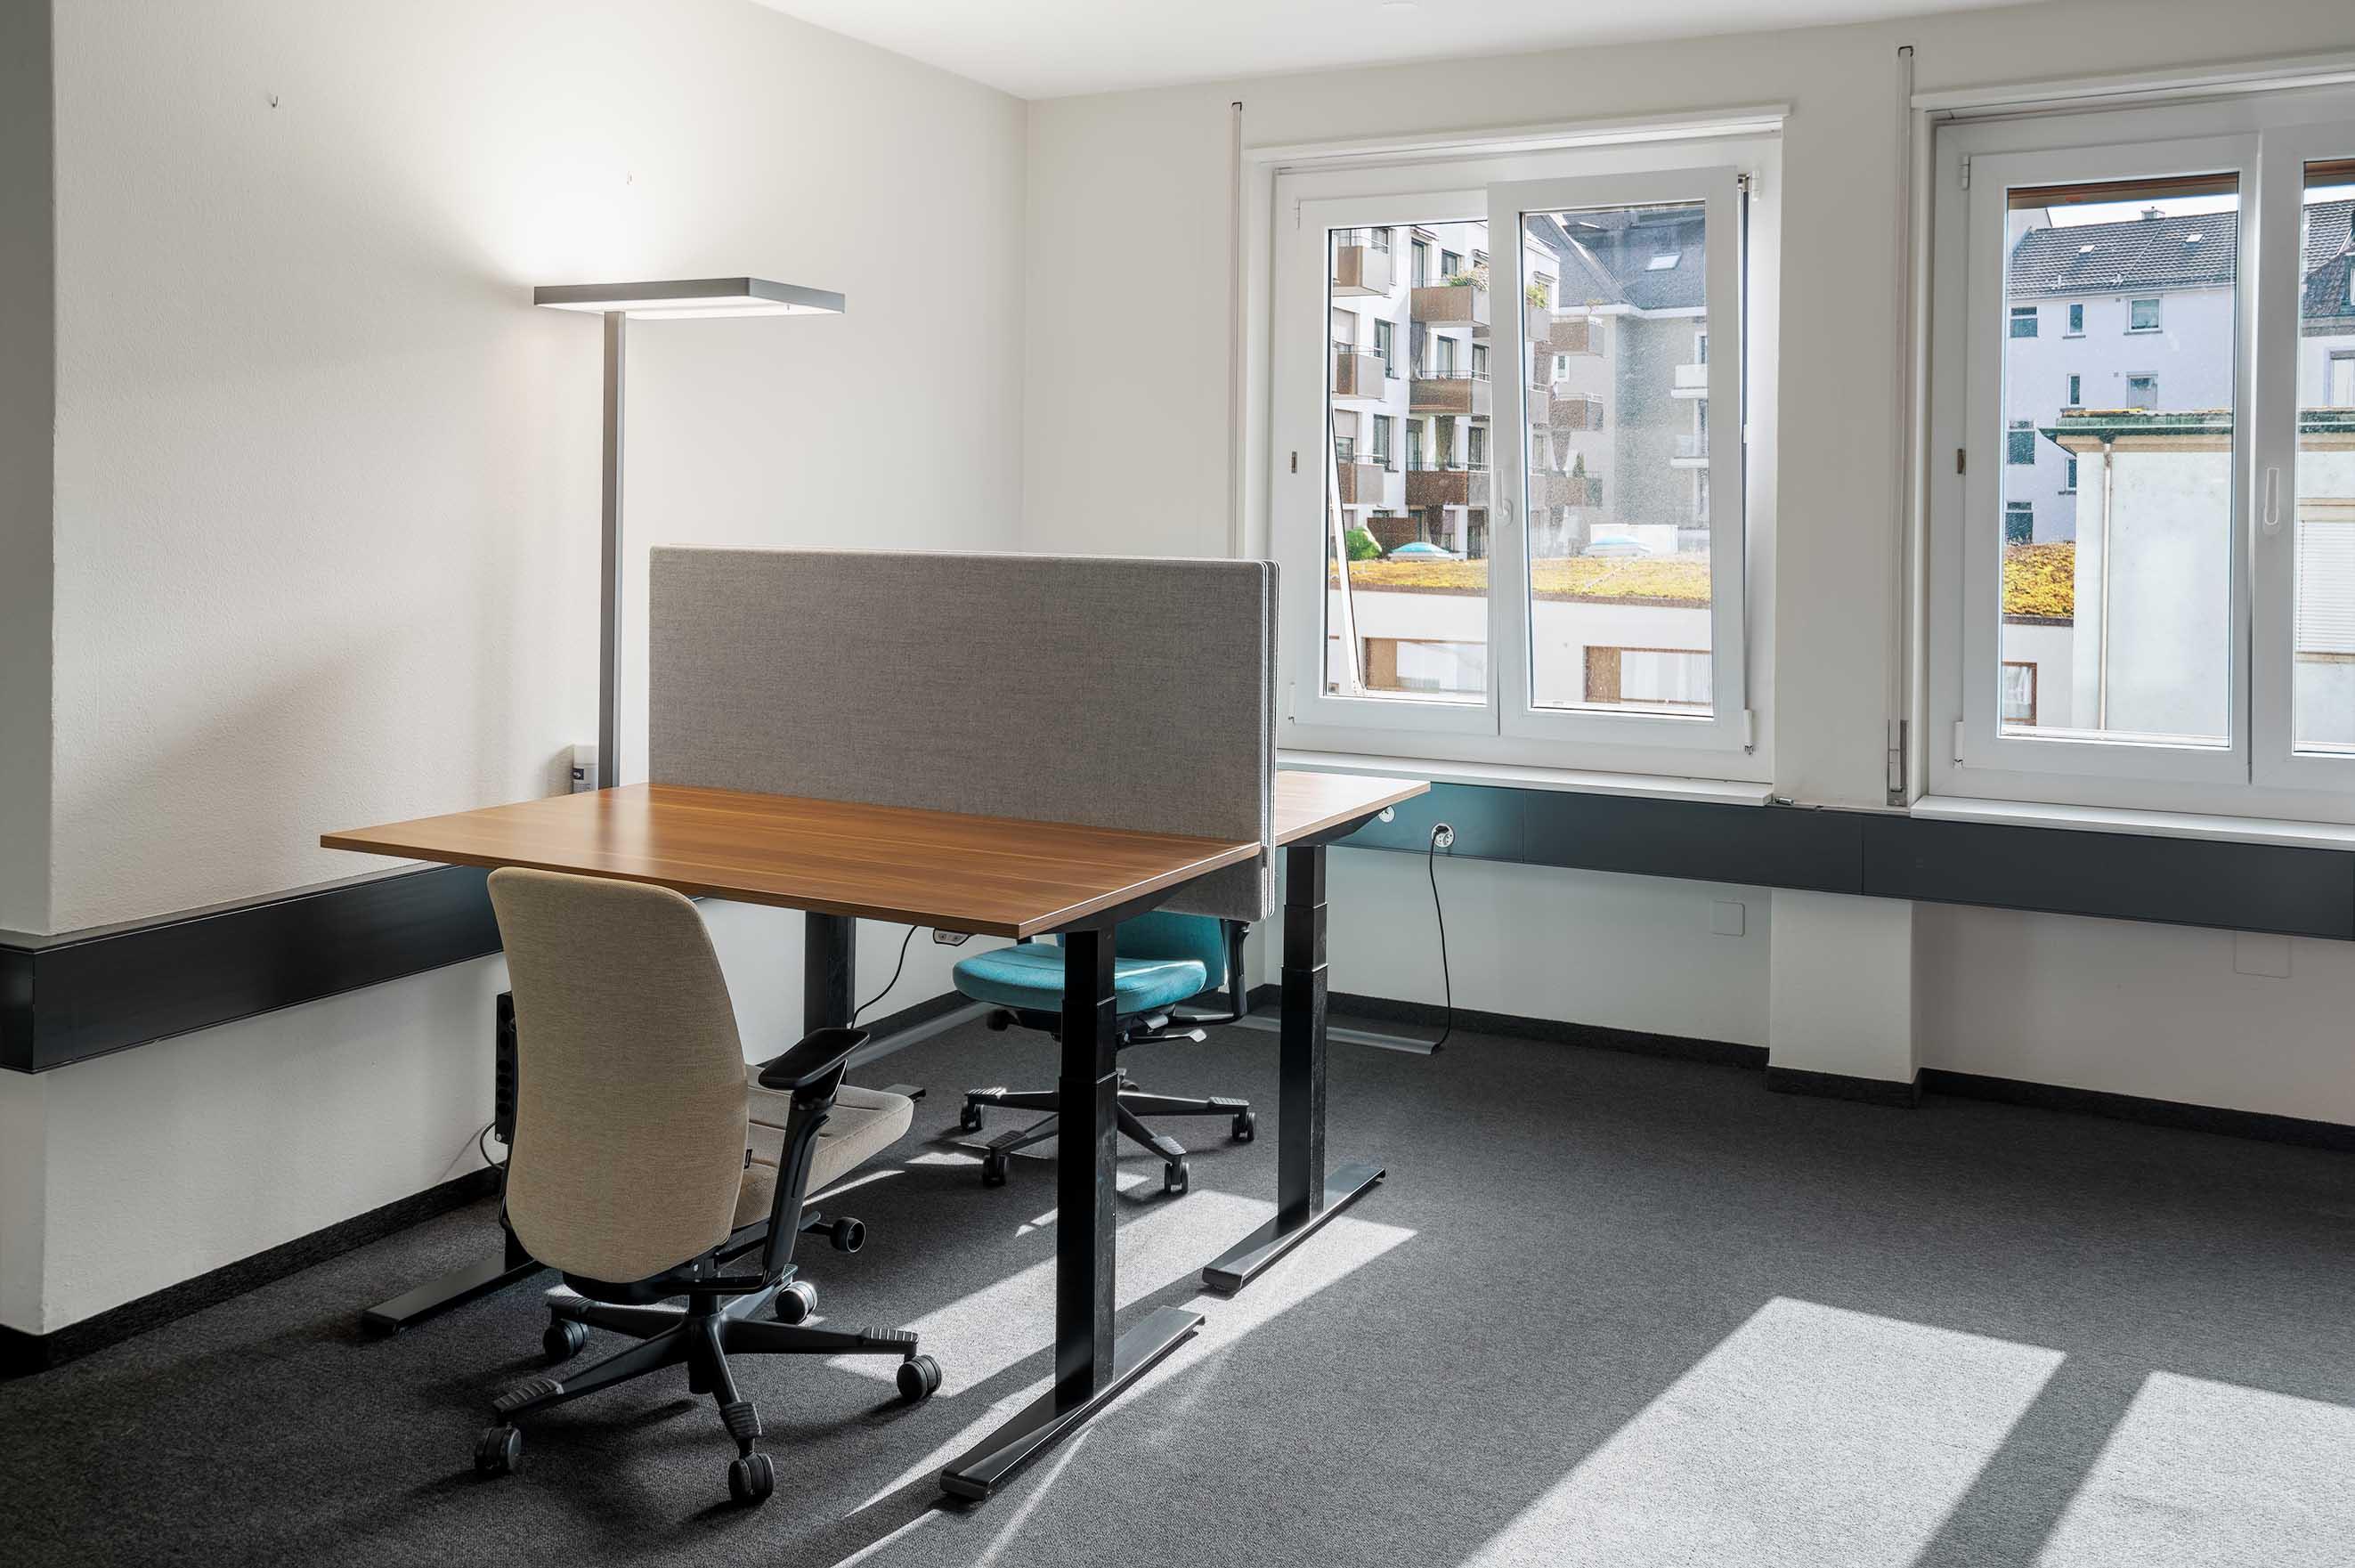 private office in shared community, work together in a coworking space, höhenverstellbare tische schreibtische büro mieten arbeitsplätze vermieten